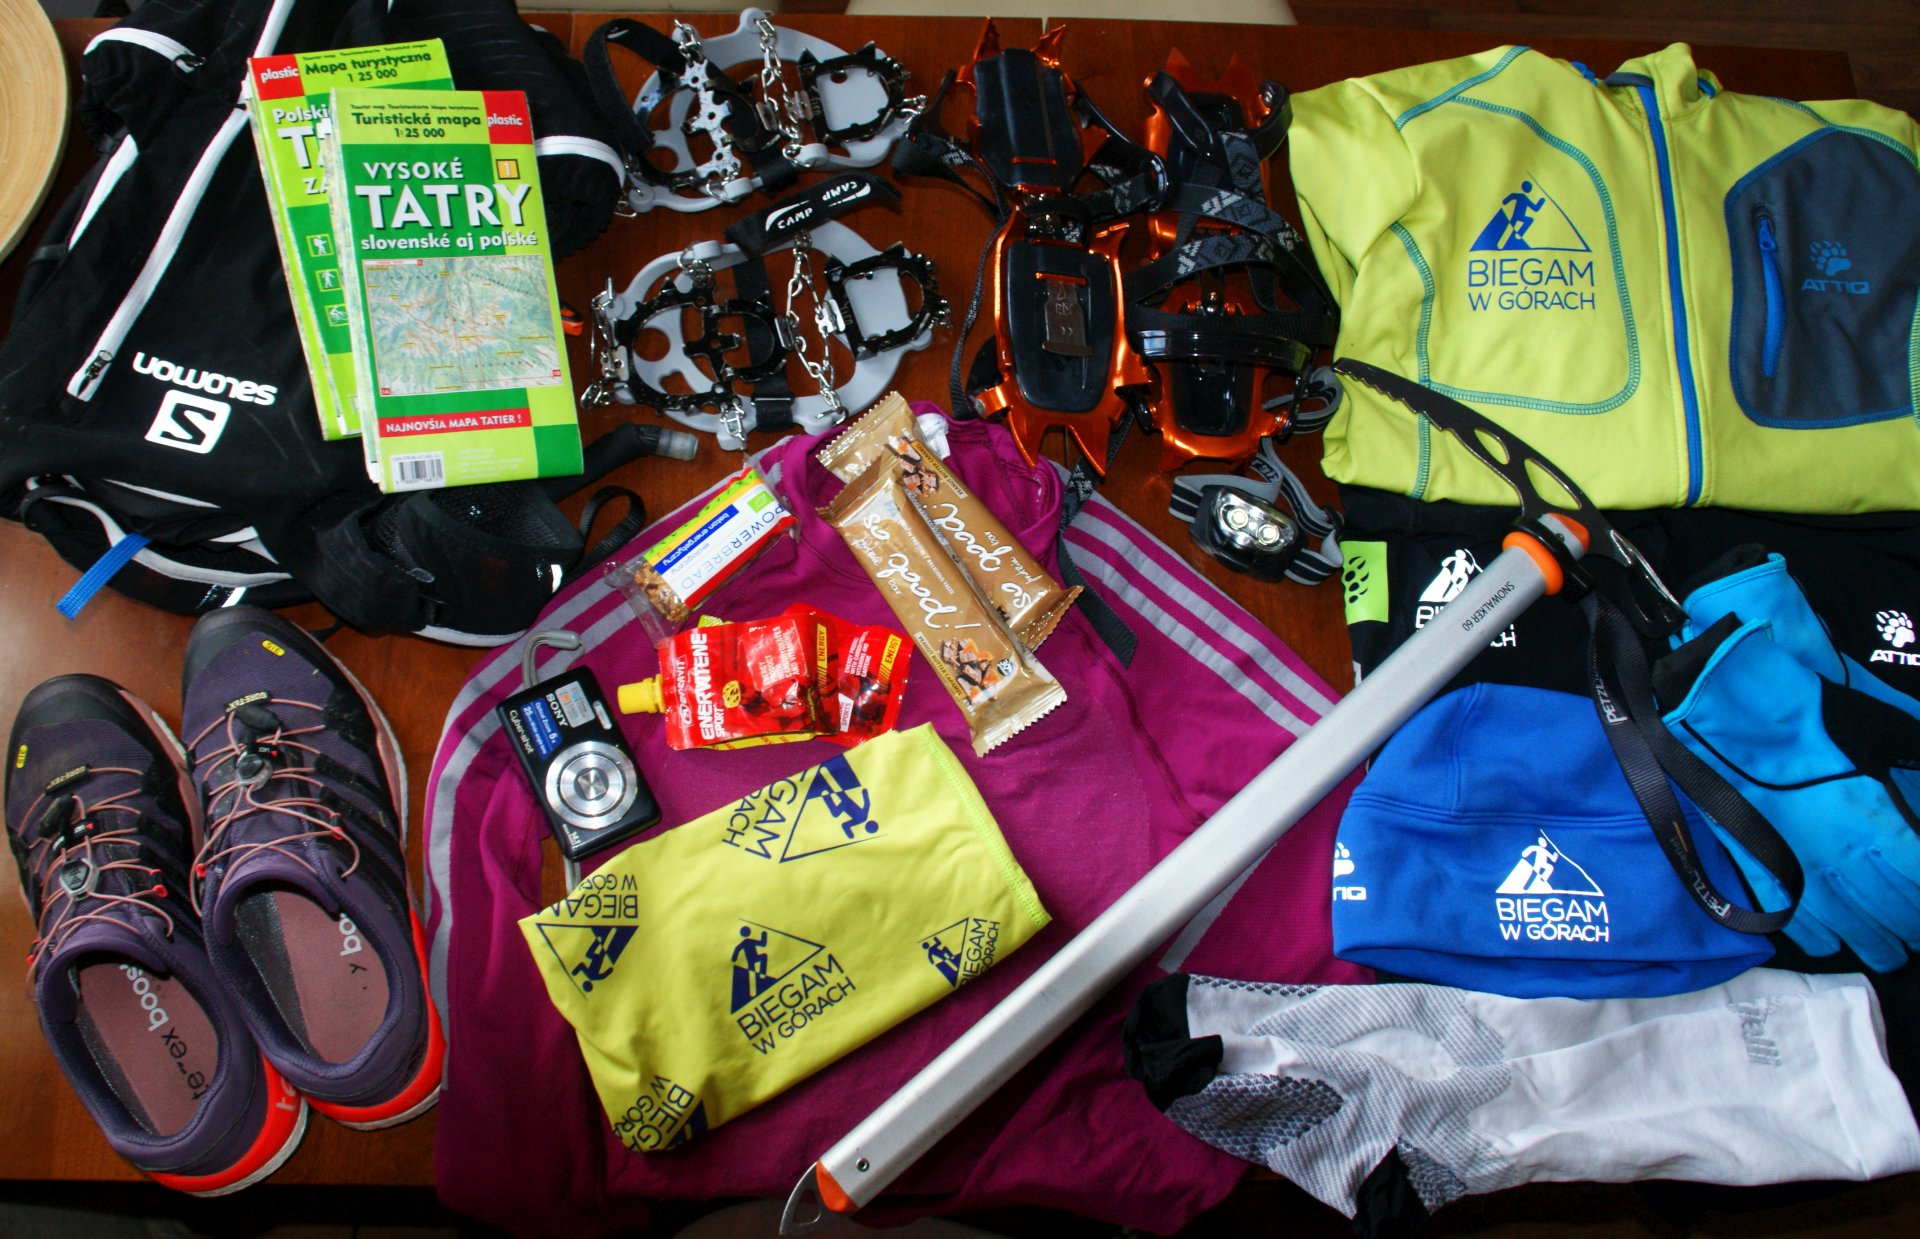 Sprzęt w Tatry na biegowo